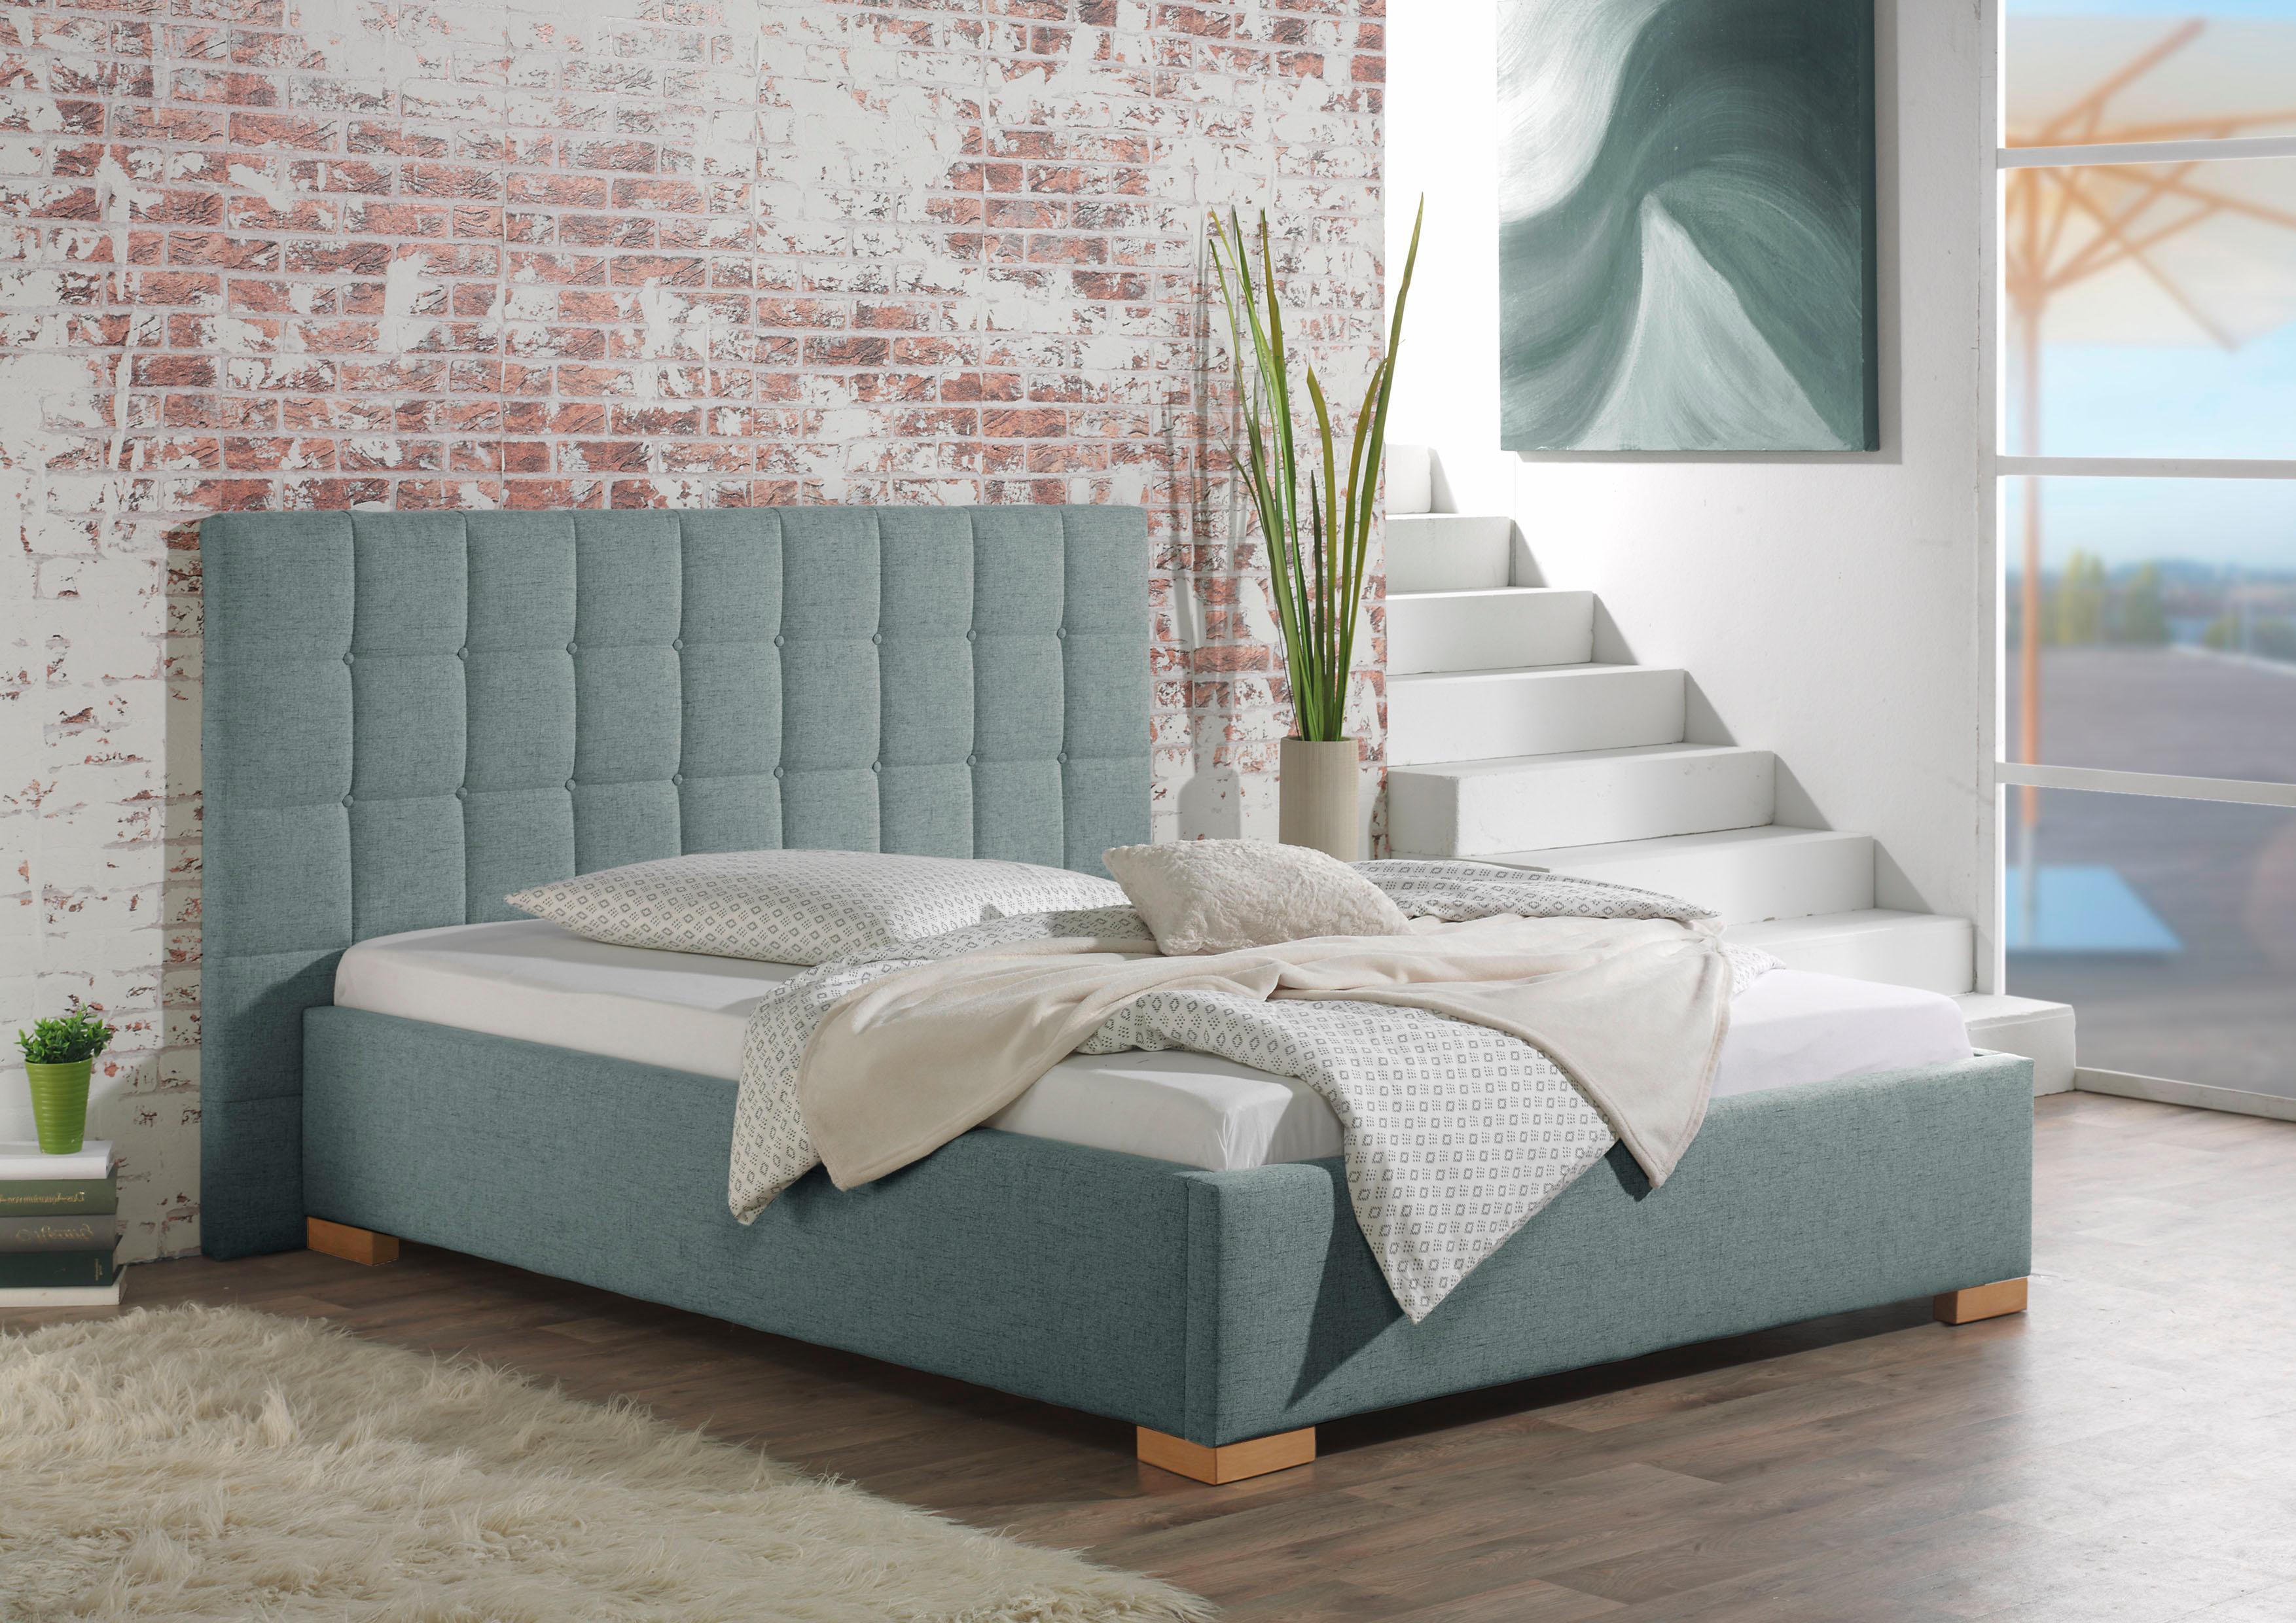 Home affaire Polsterbett »Cueno«   Schlafzimmer > Betten > Polsterbetten   home affaire